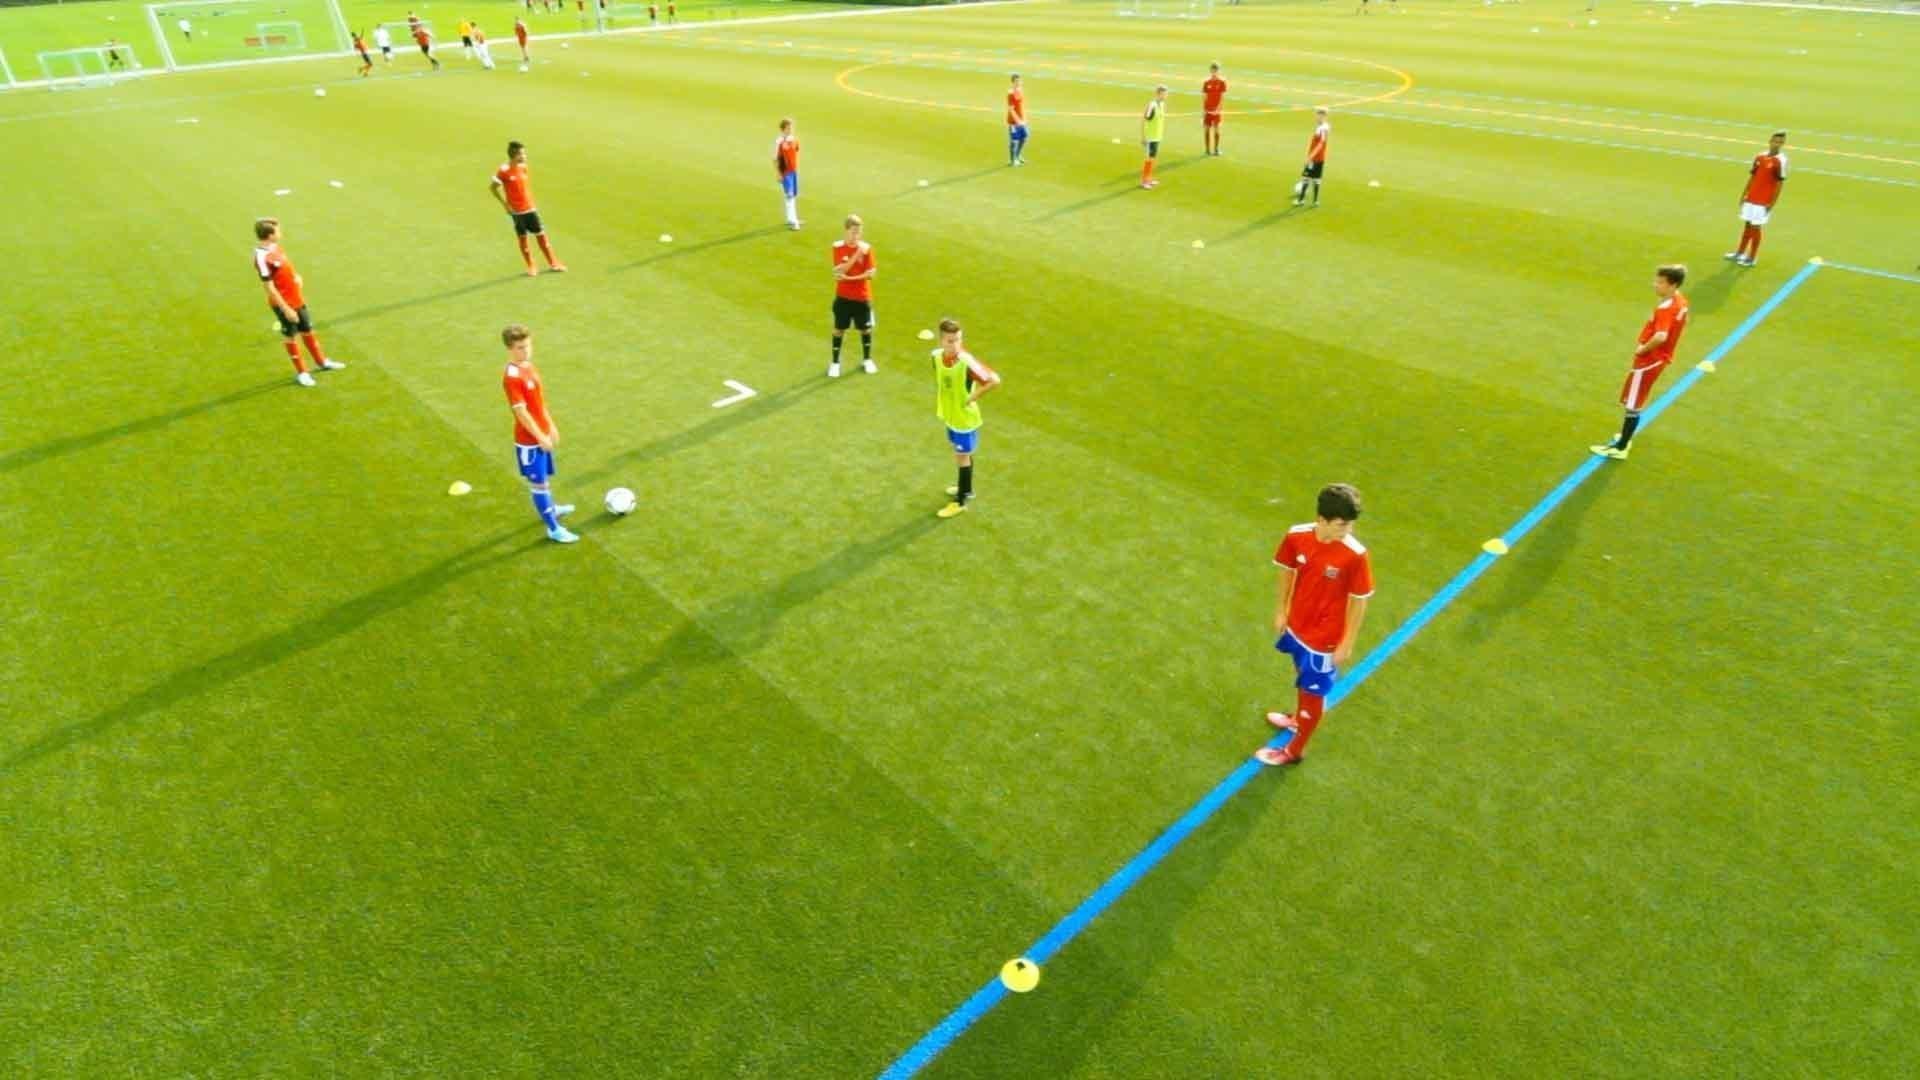 Fußballübung für Jugendmannschaften: 3 gegen 1 auf 6 Felder